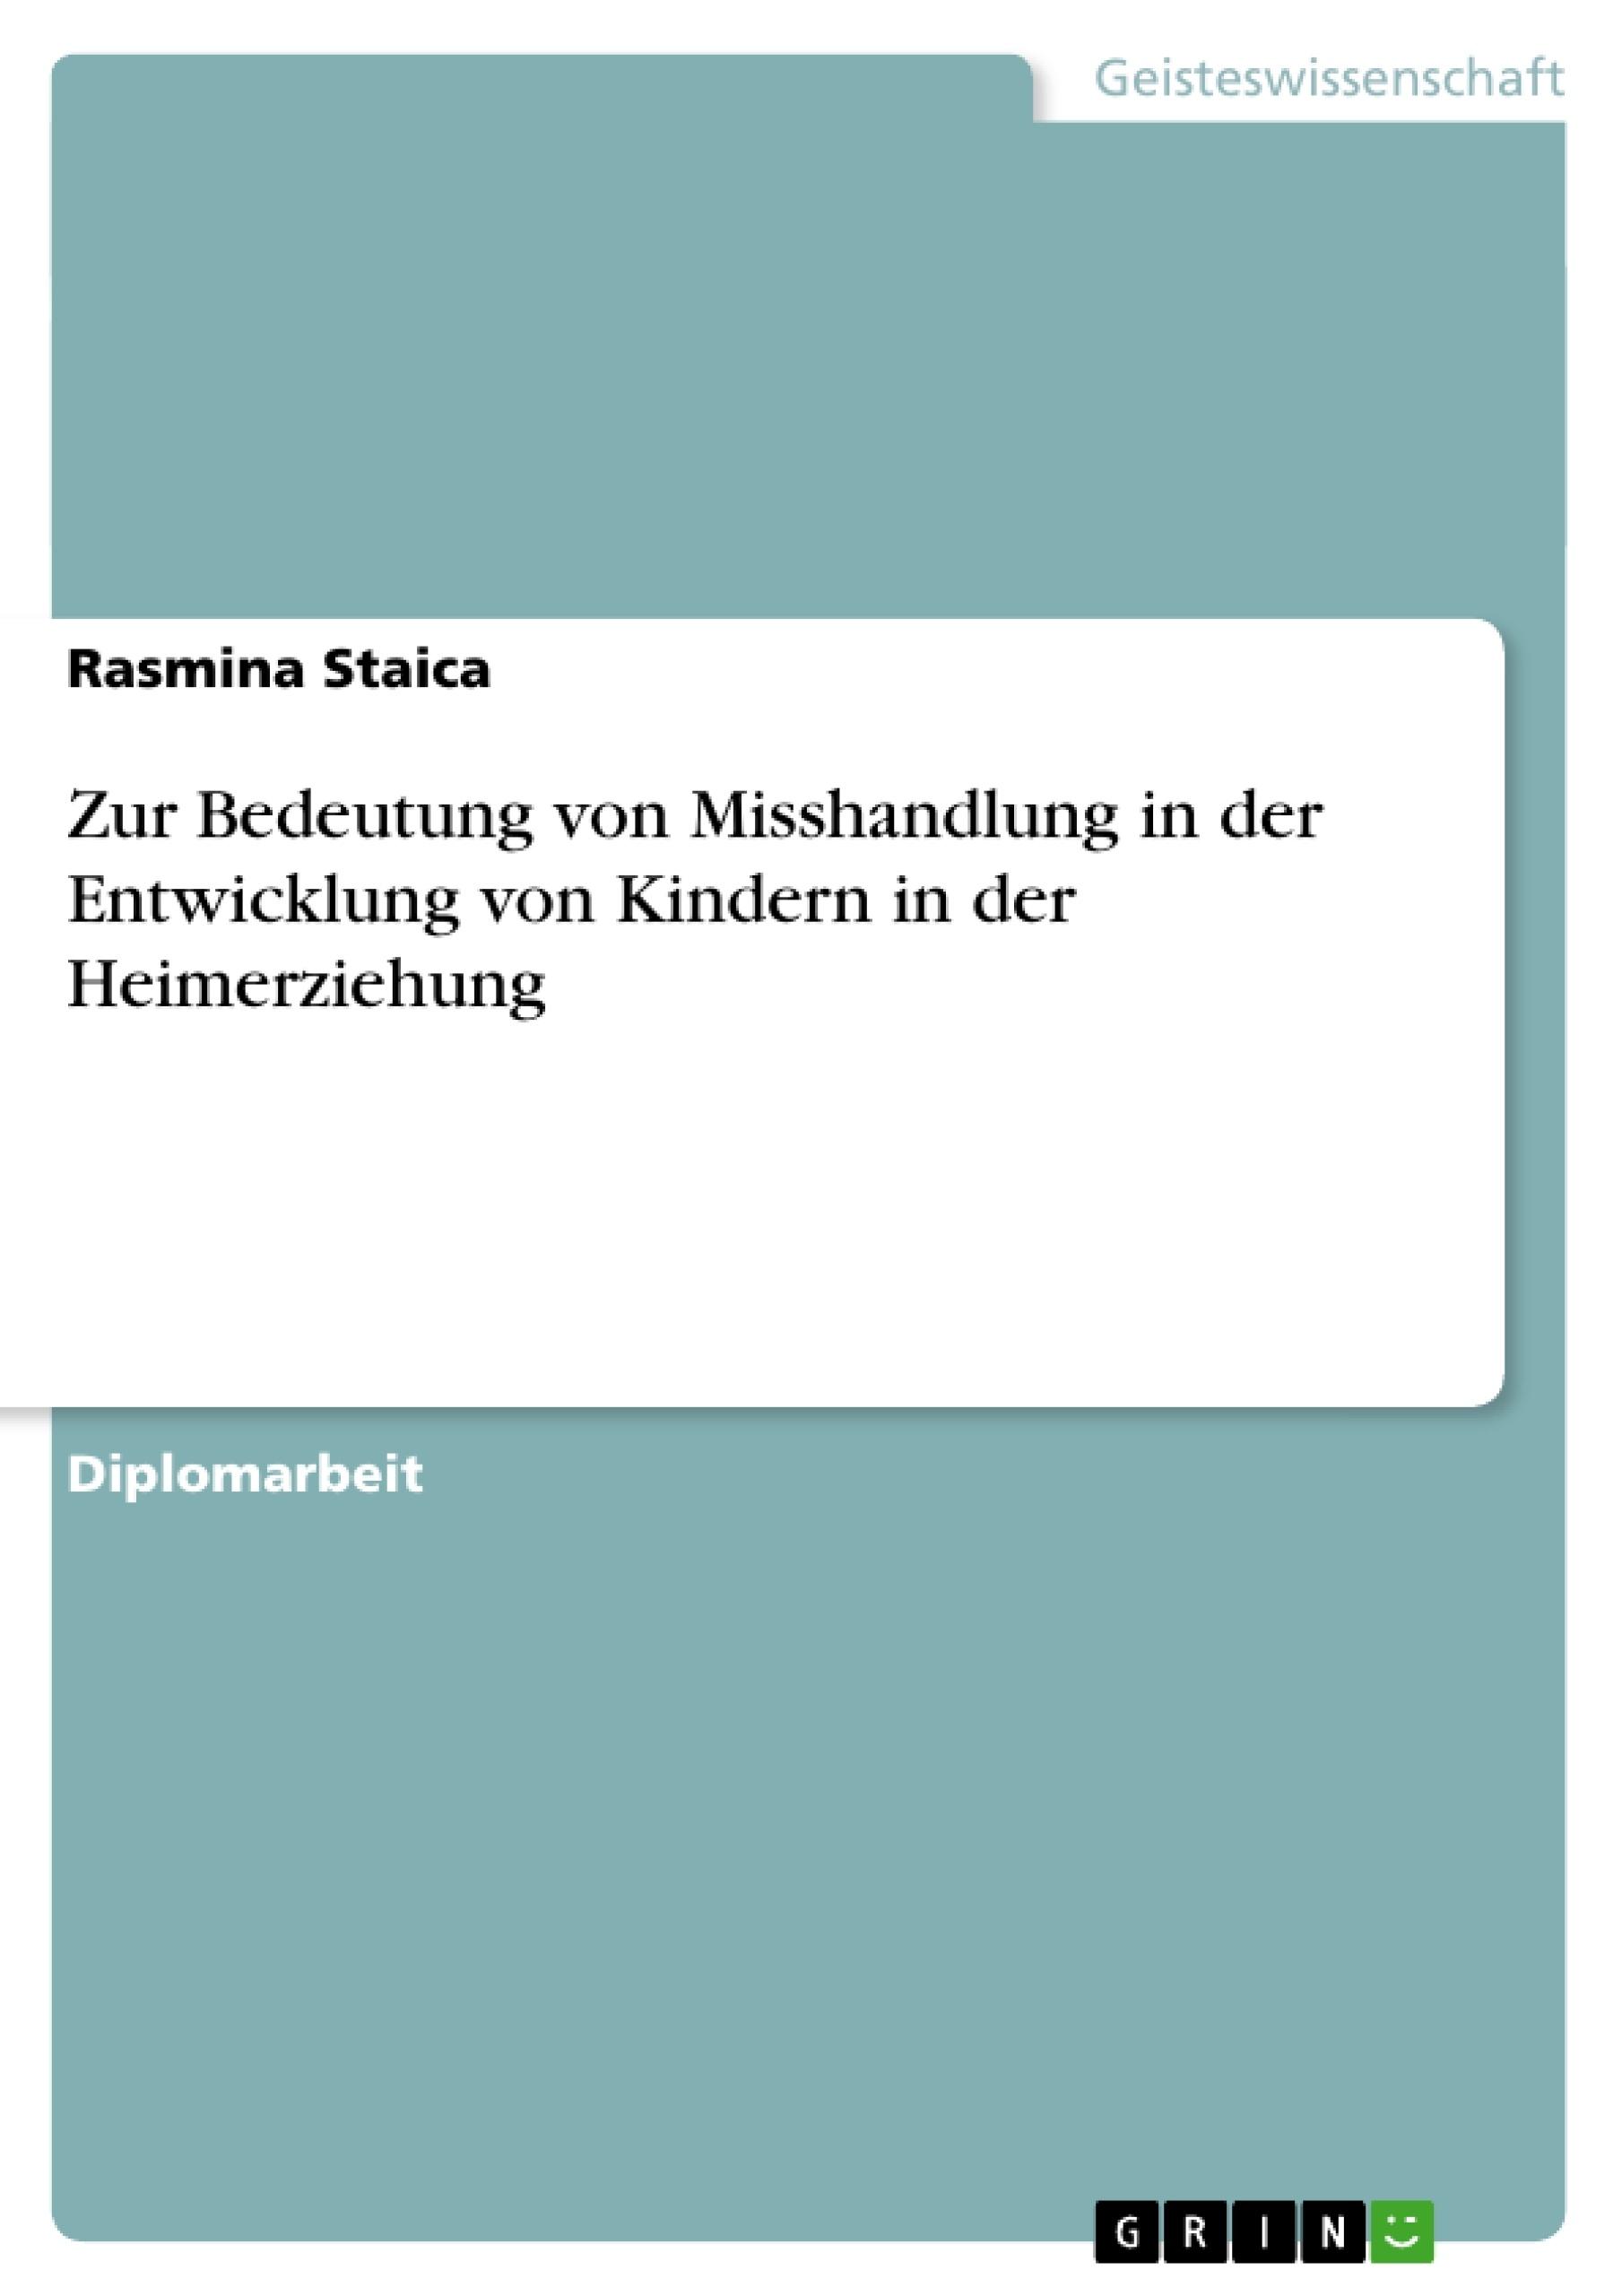 Titel: Zur Bedeutung von Misshandlung in der Entwicklung von Kindern in der Heimerziehung